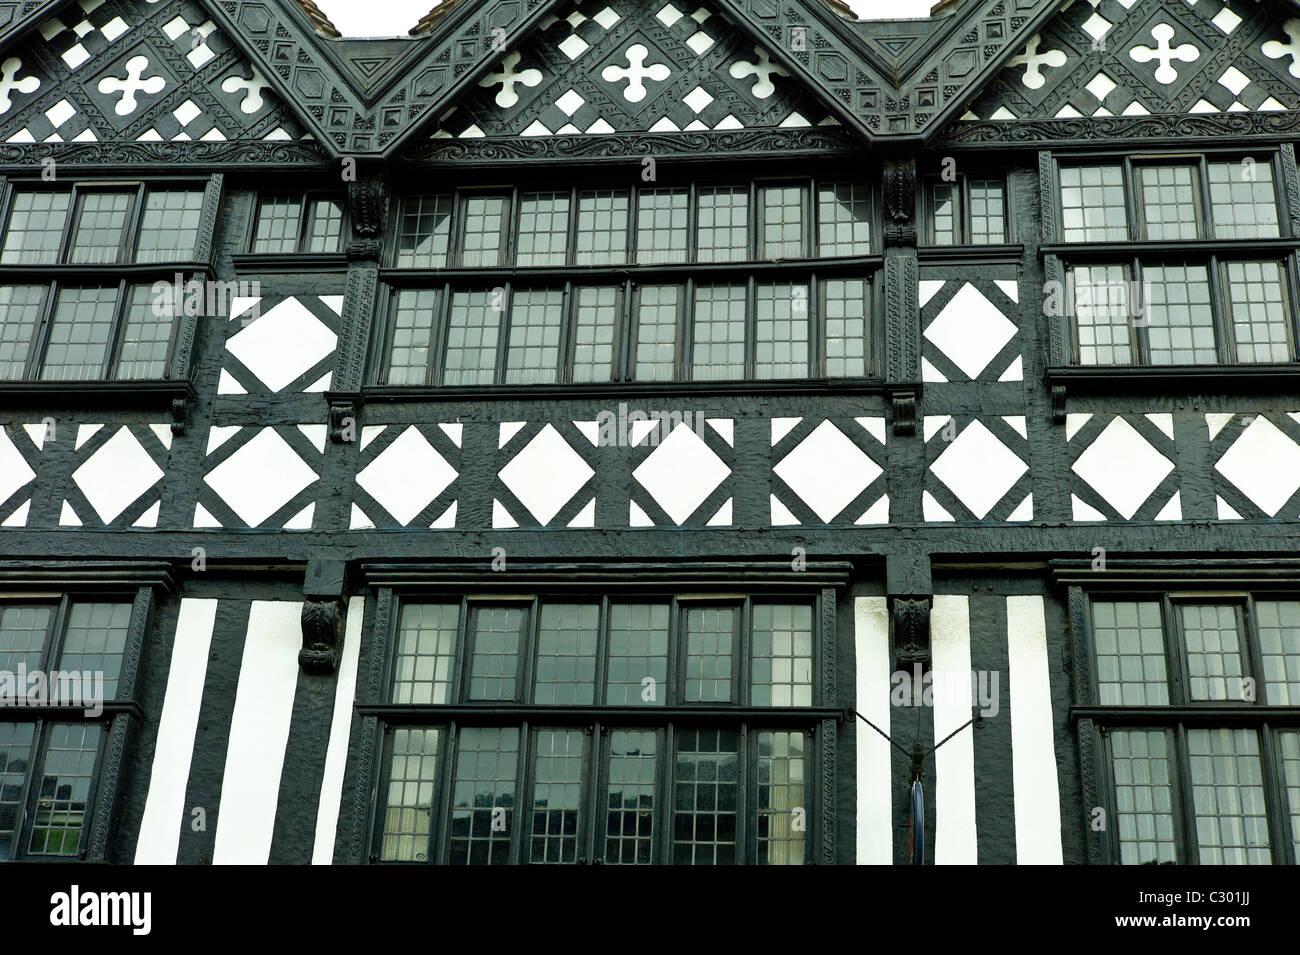 Tudor Windows tudor style timber-framed period house with leaded light windows